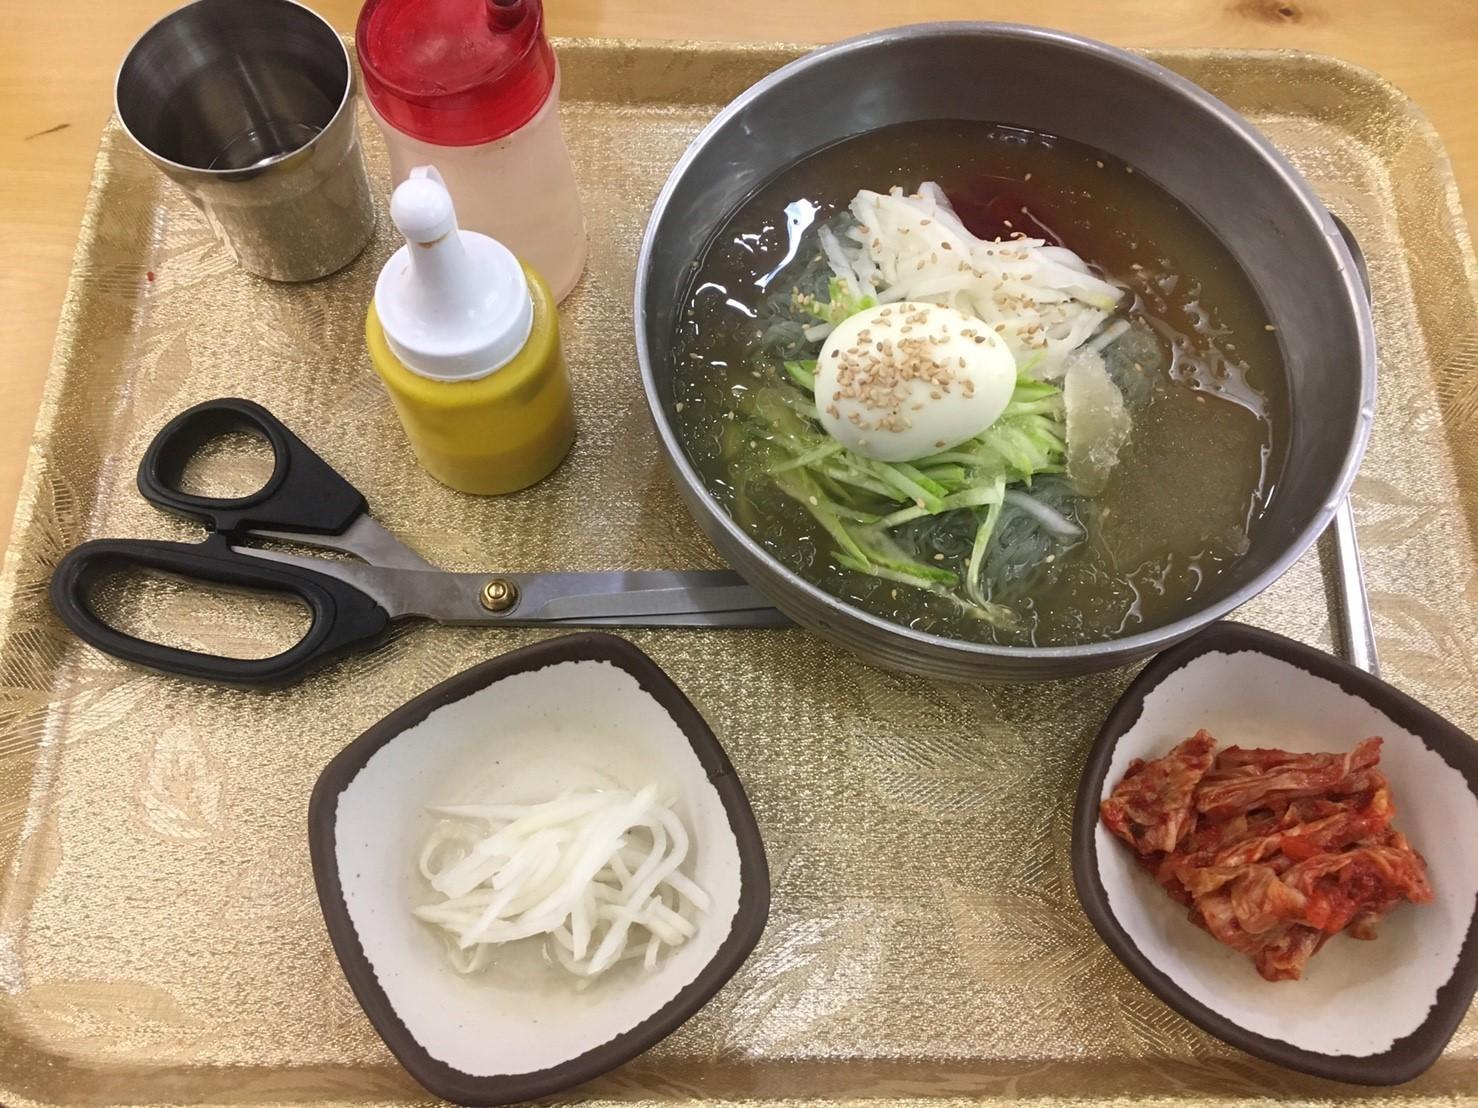 【韓国】チムヂルバンで疲れをふっとばそう!_1_3-2